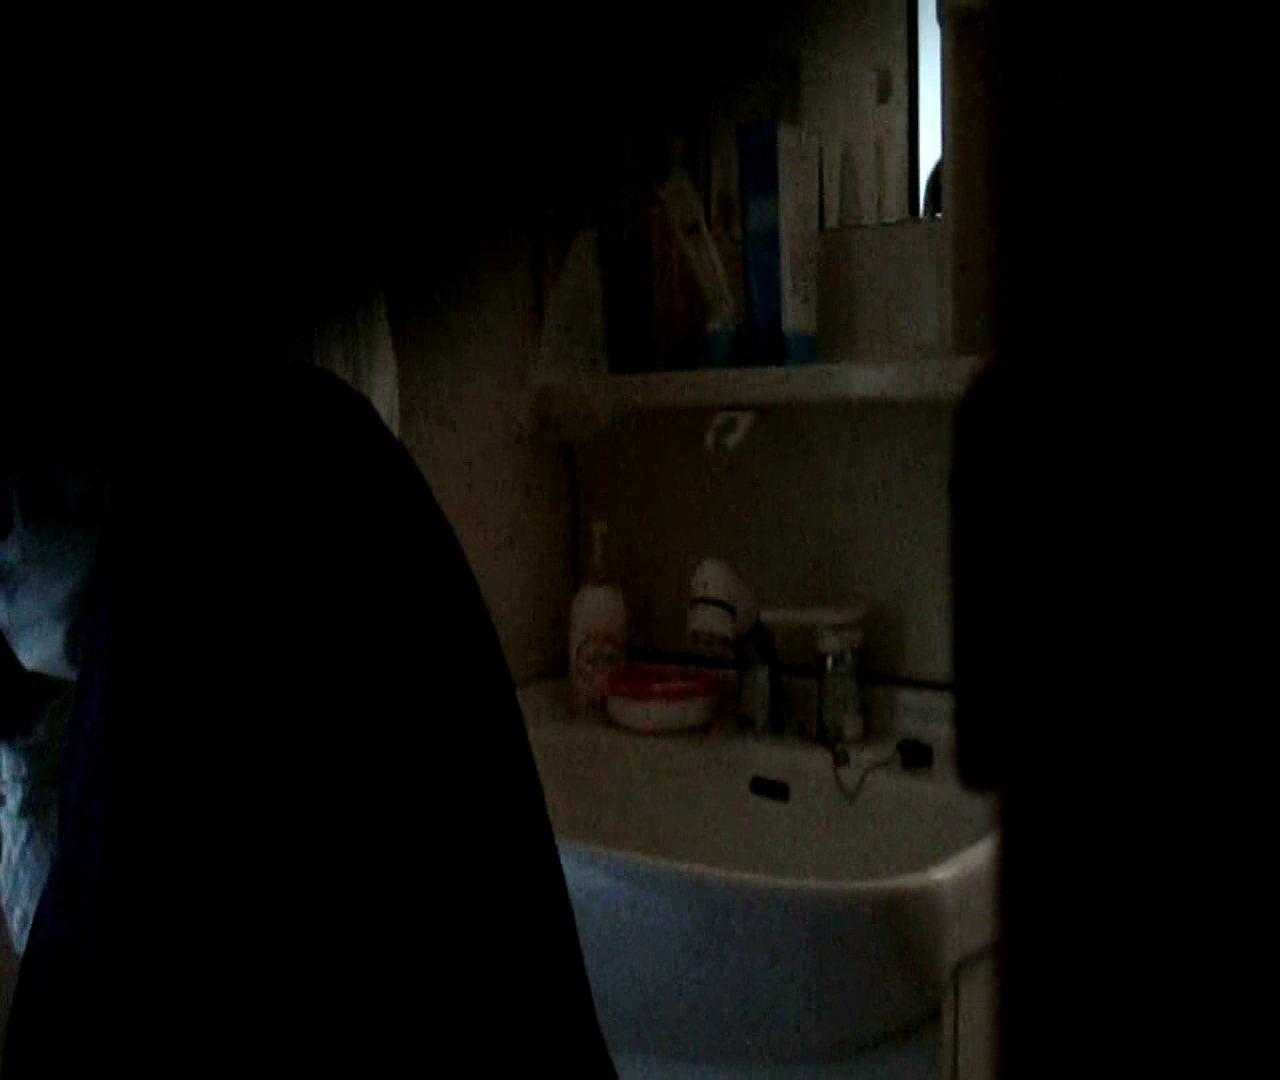 二人とも育てた甲斐がありました… vol.05 まどかが洗顔後にブラを洗濯 美しいOLの裸体  102pic 4